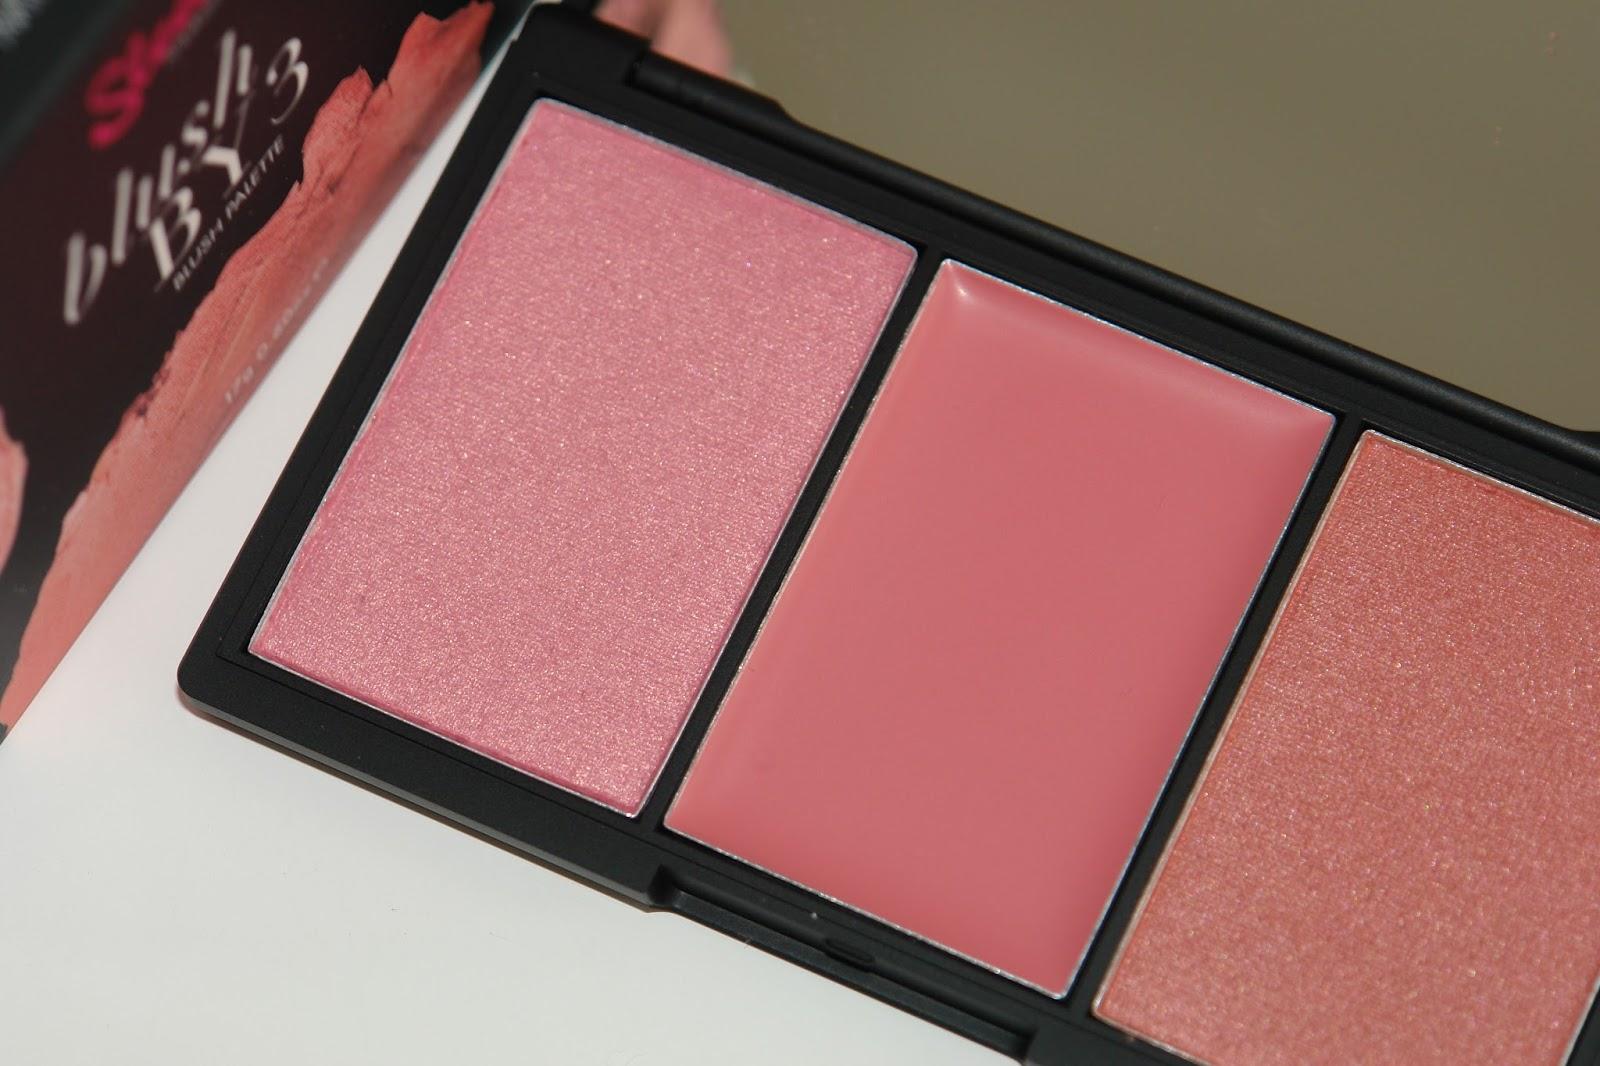 Sleek Pink Lemonade blush palette review, blusher, make up, pink, review, Sleek, UK blog, swatches, Macaroon, Icing Sugar, Pink Mint